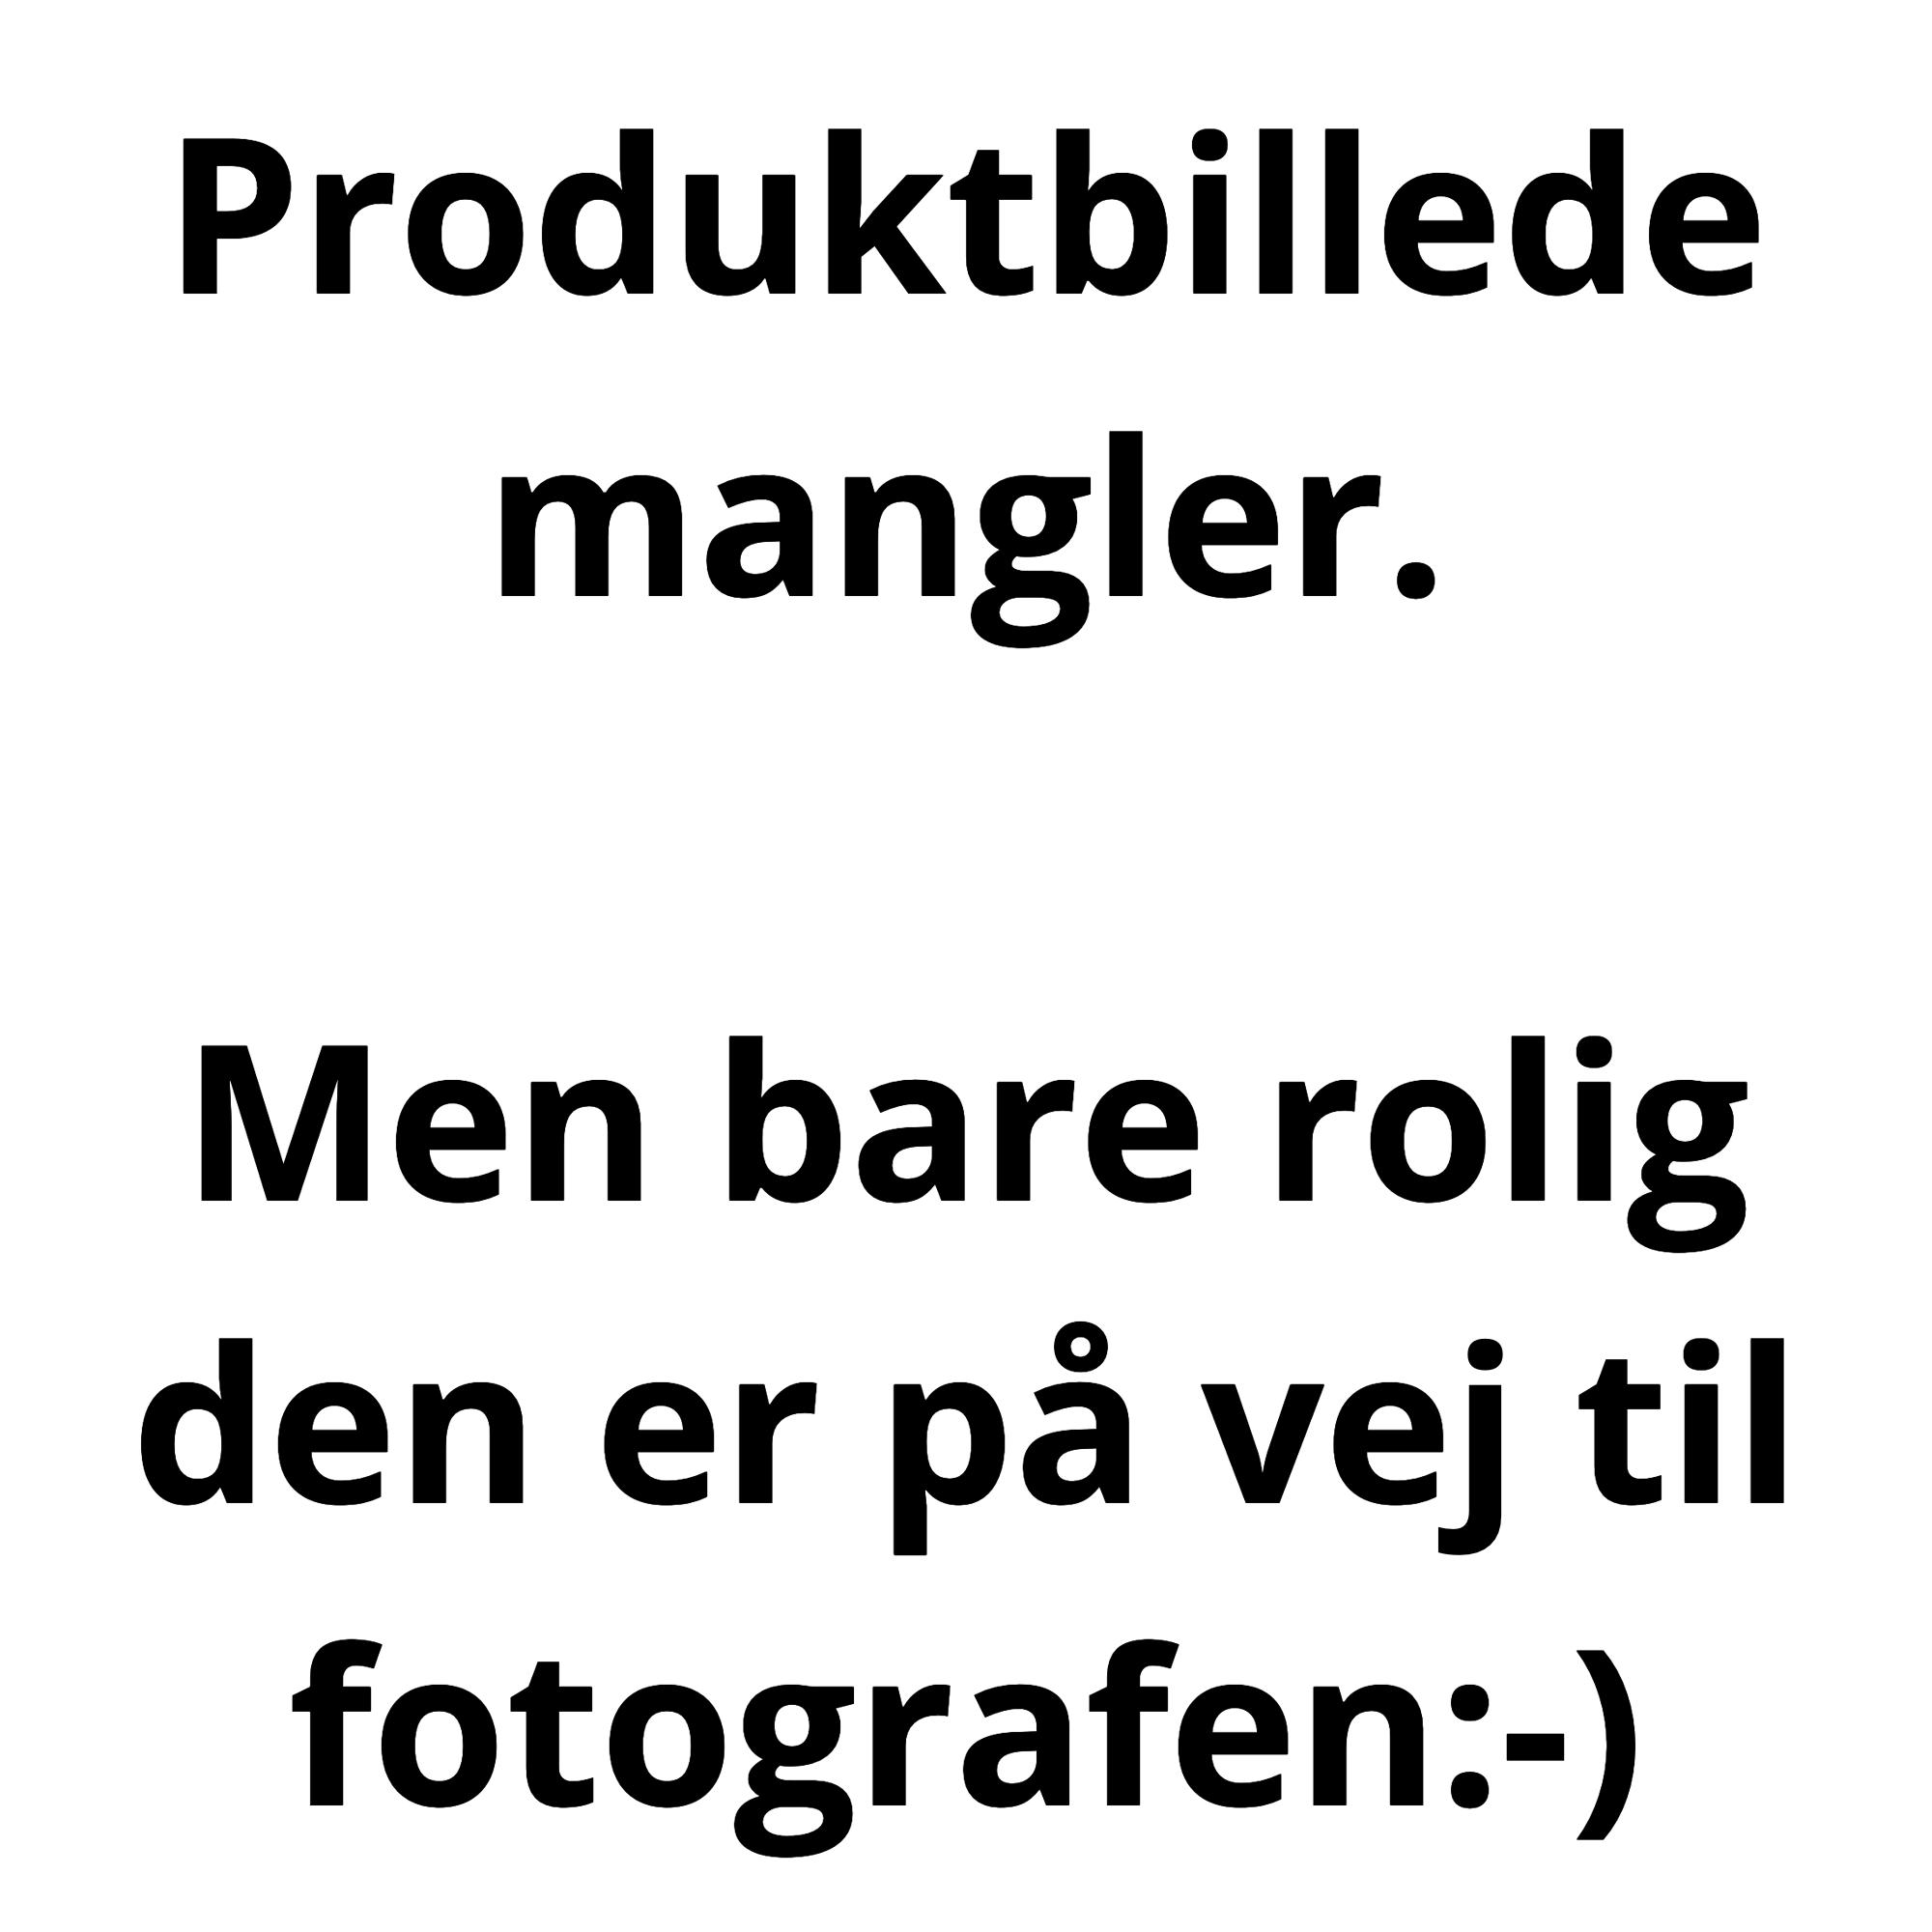 Brodit Passiv mobilholder m. kabeltilslutning ligthning til USB til Apple iPhone 5/5S/5C B:59-63 D:6-10 - 514435